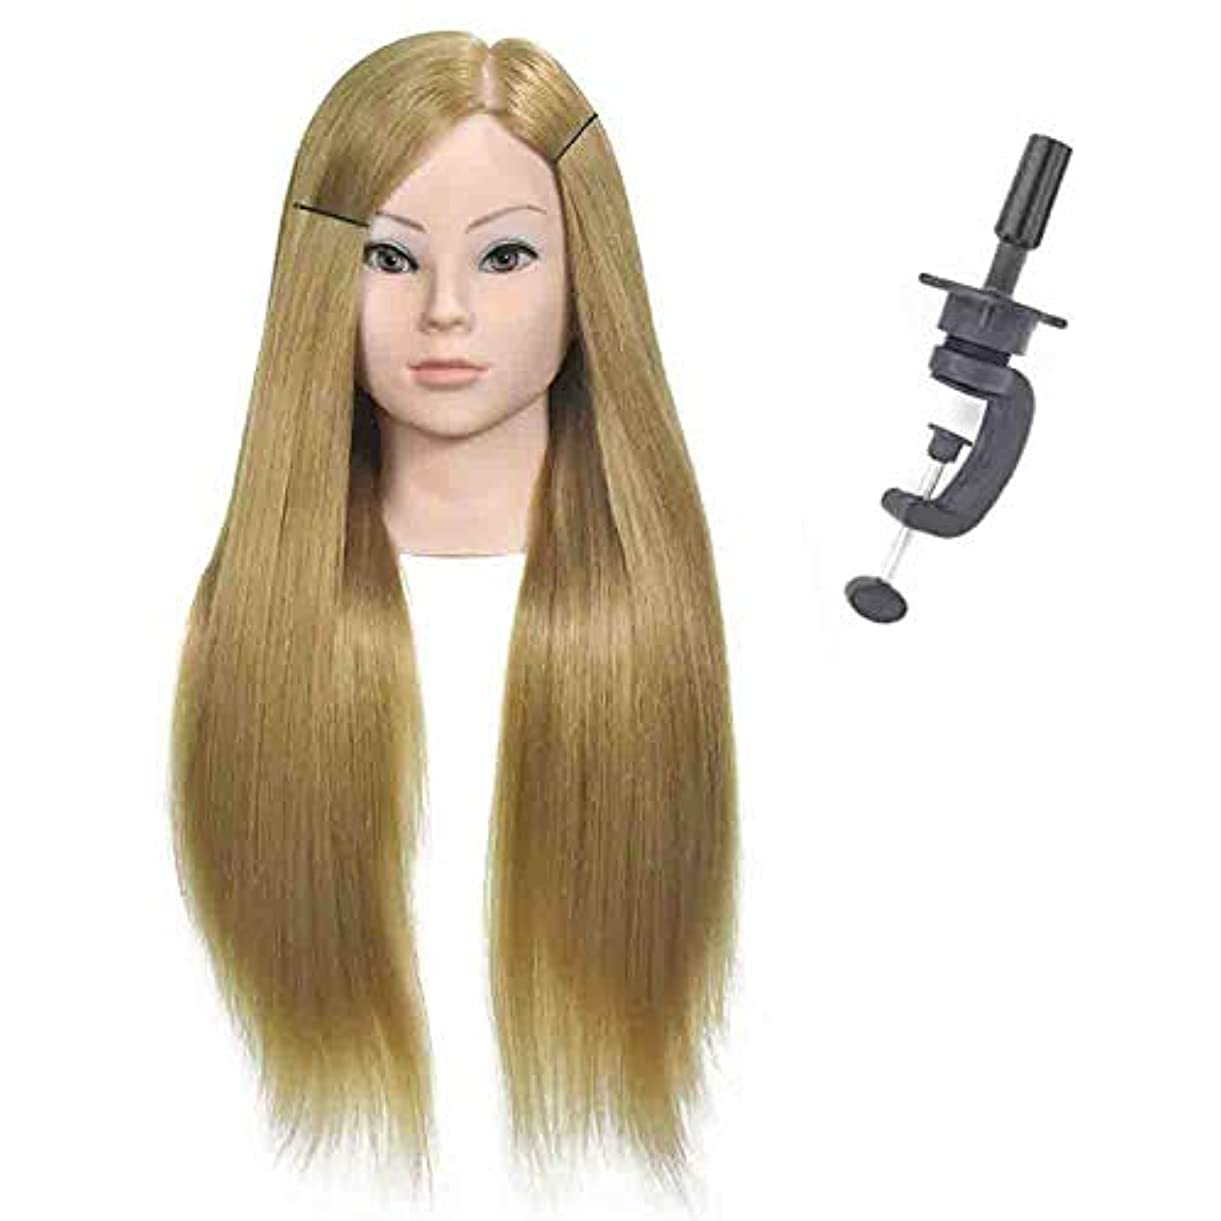 に変わるメロンジャングル花嫁メイクモデリング教育ヘッド本物の人物ヘアダミーヘッドモデル理髪店学習パーマ髪染めモデルヘッド